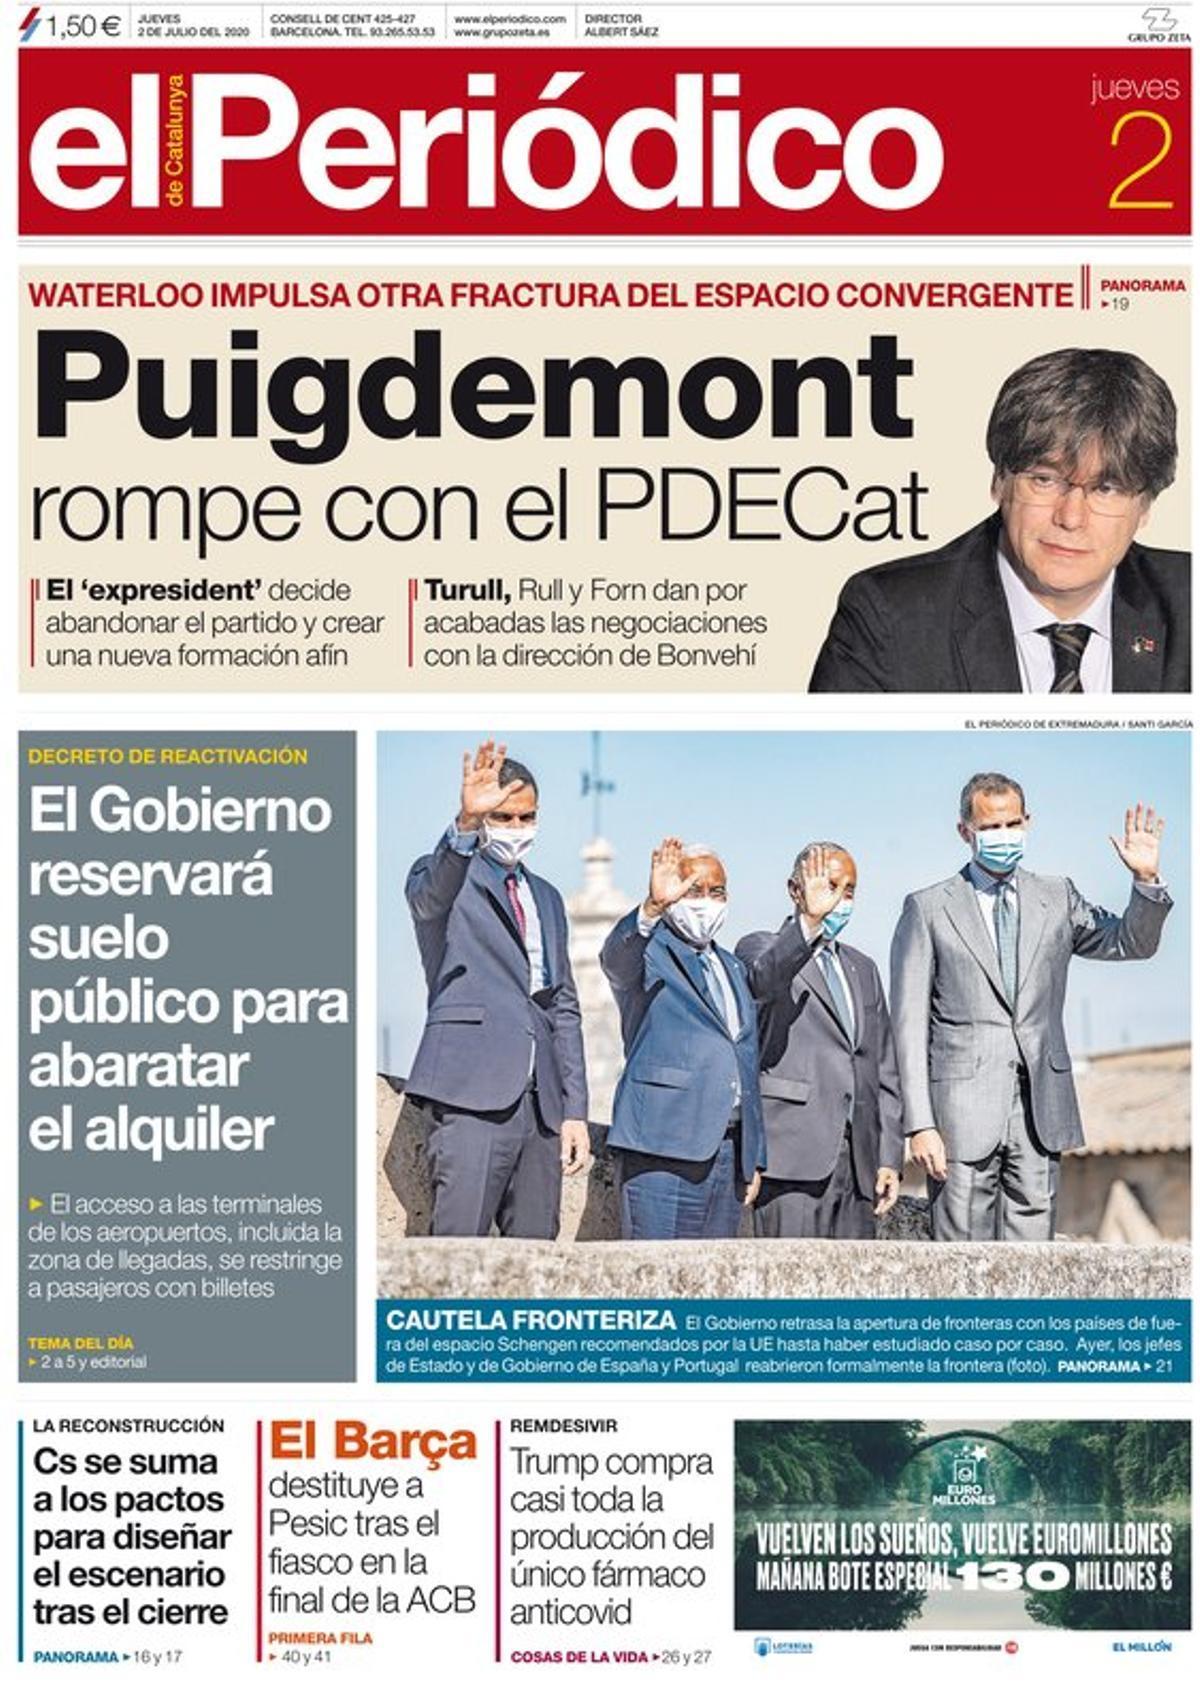 La portada de EL PERIÓDICO del 2 de julio del 2020